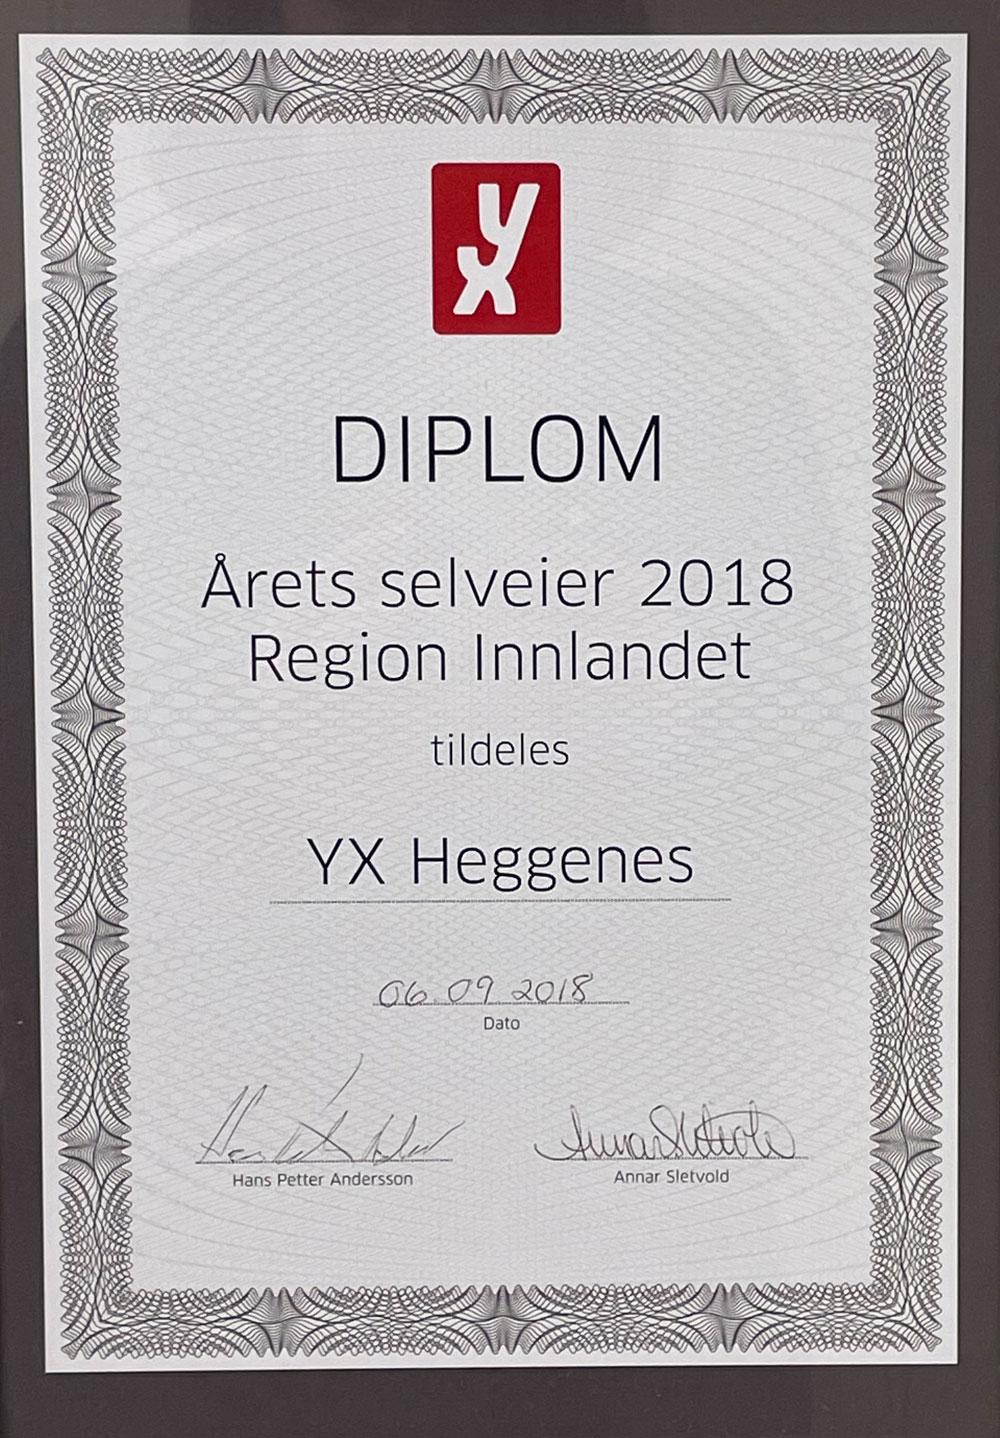 https://sebu.as/wp-content/uploads/2021/10/2018-Arest-selveier-Innlandet.pdf.jpg